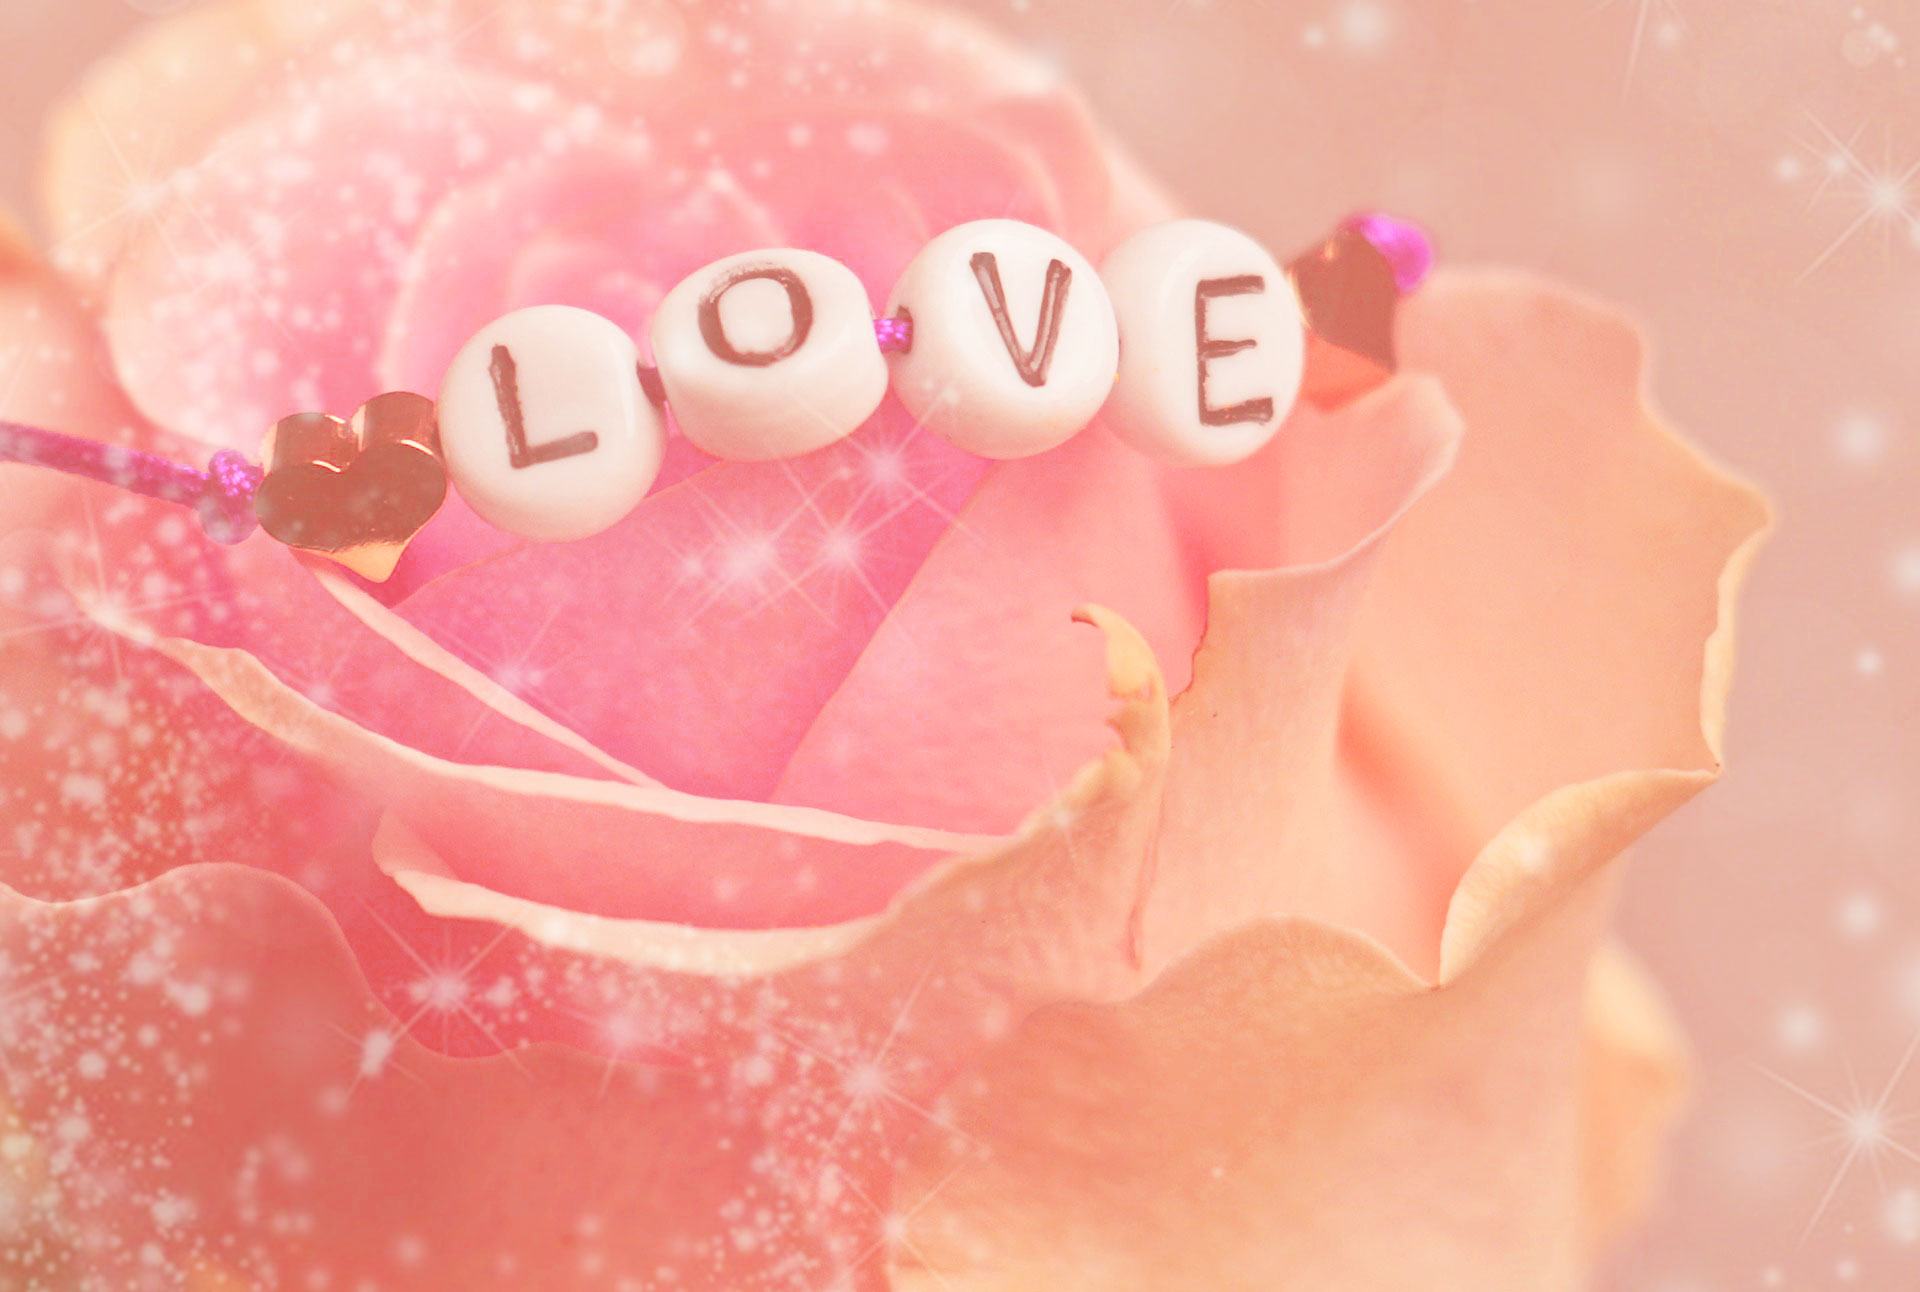 薔薇の待ち受け情熱が蘇る恋愛運アップiphonelineの背景